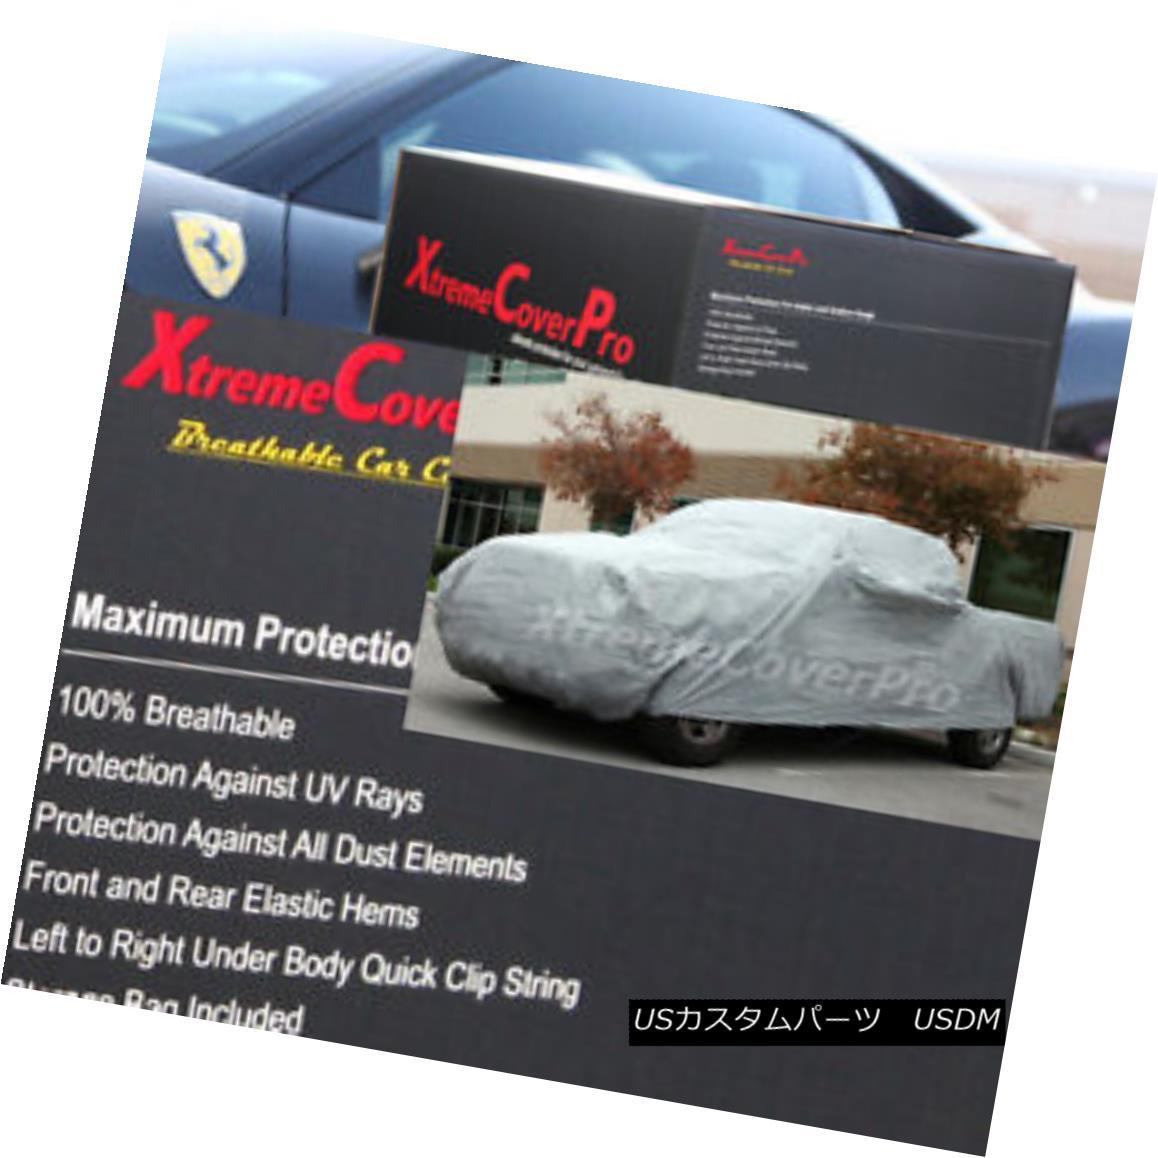 カーカバー 2002 2003 2004 GMC Sierra 2500 Reg Cab 8ft Bed Breathable Truck Cover 2002年2003年2004 GMC Sierra 2500 Regキャブ8ftベッド通気性トラックカバー